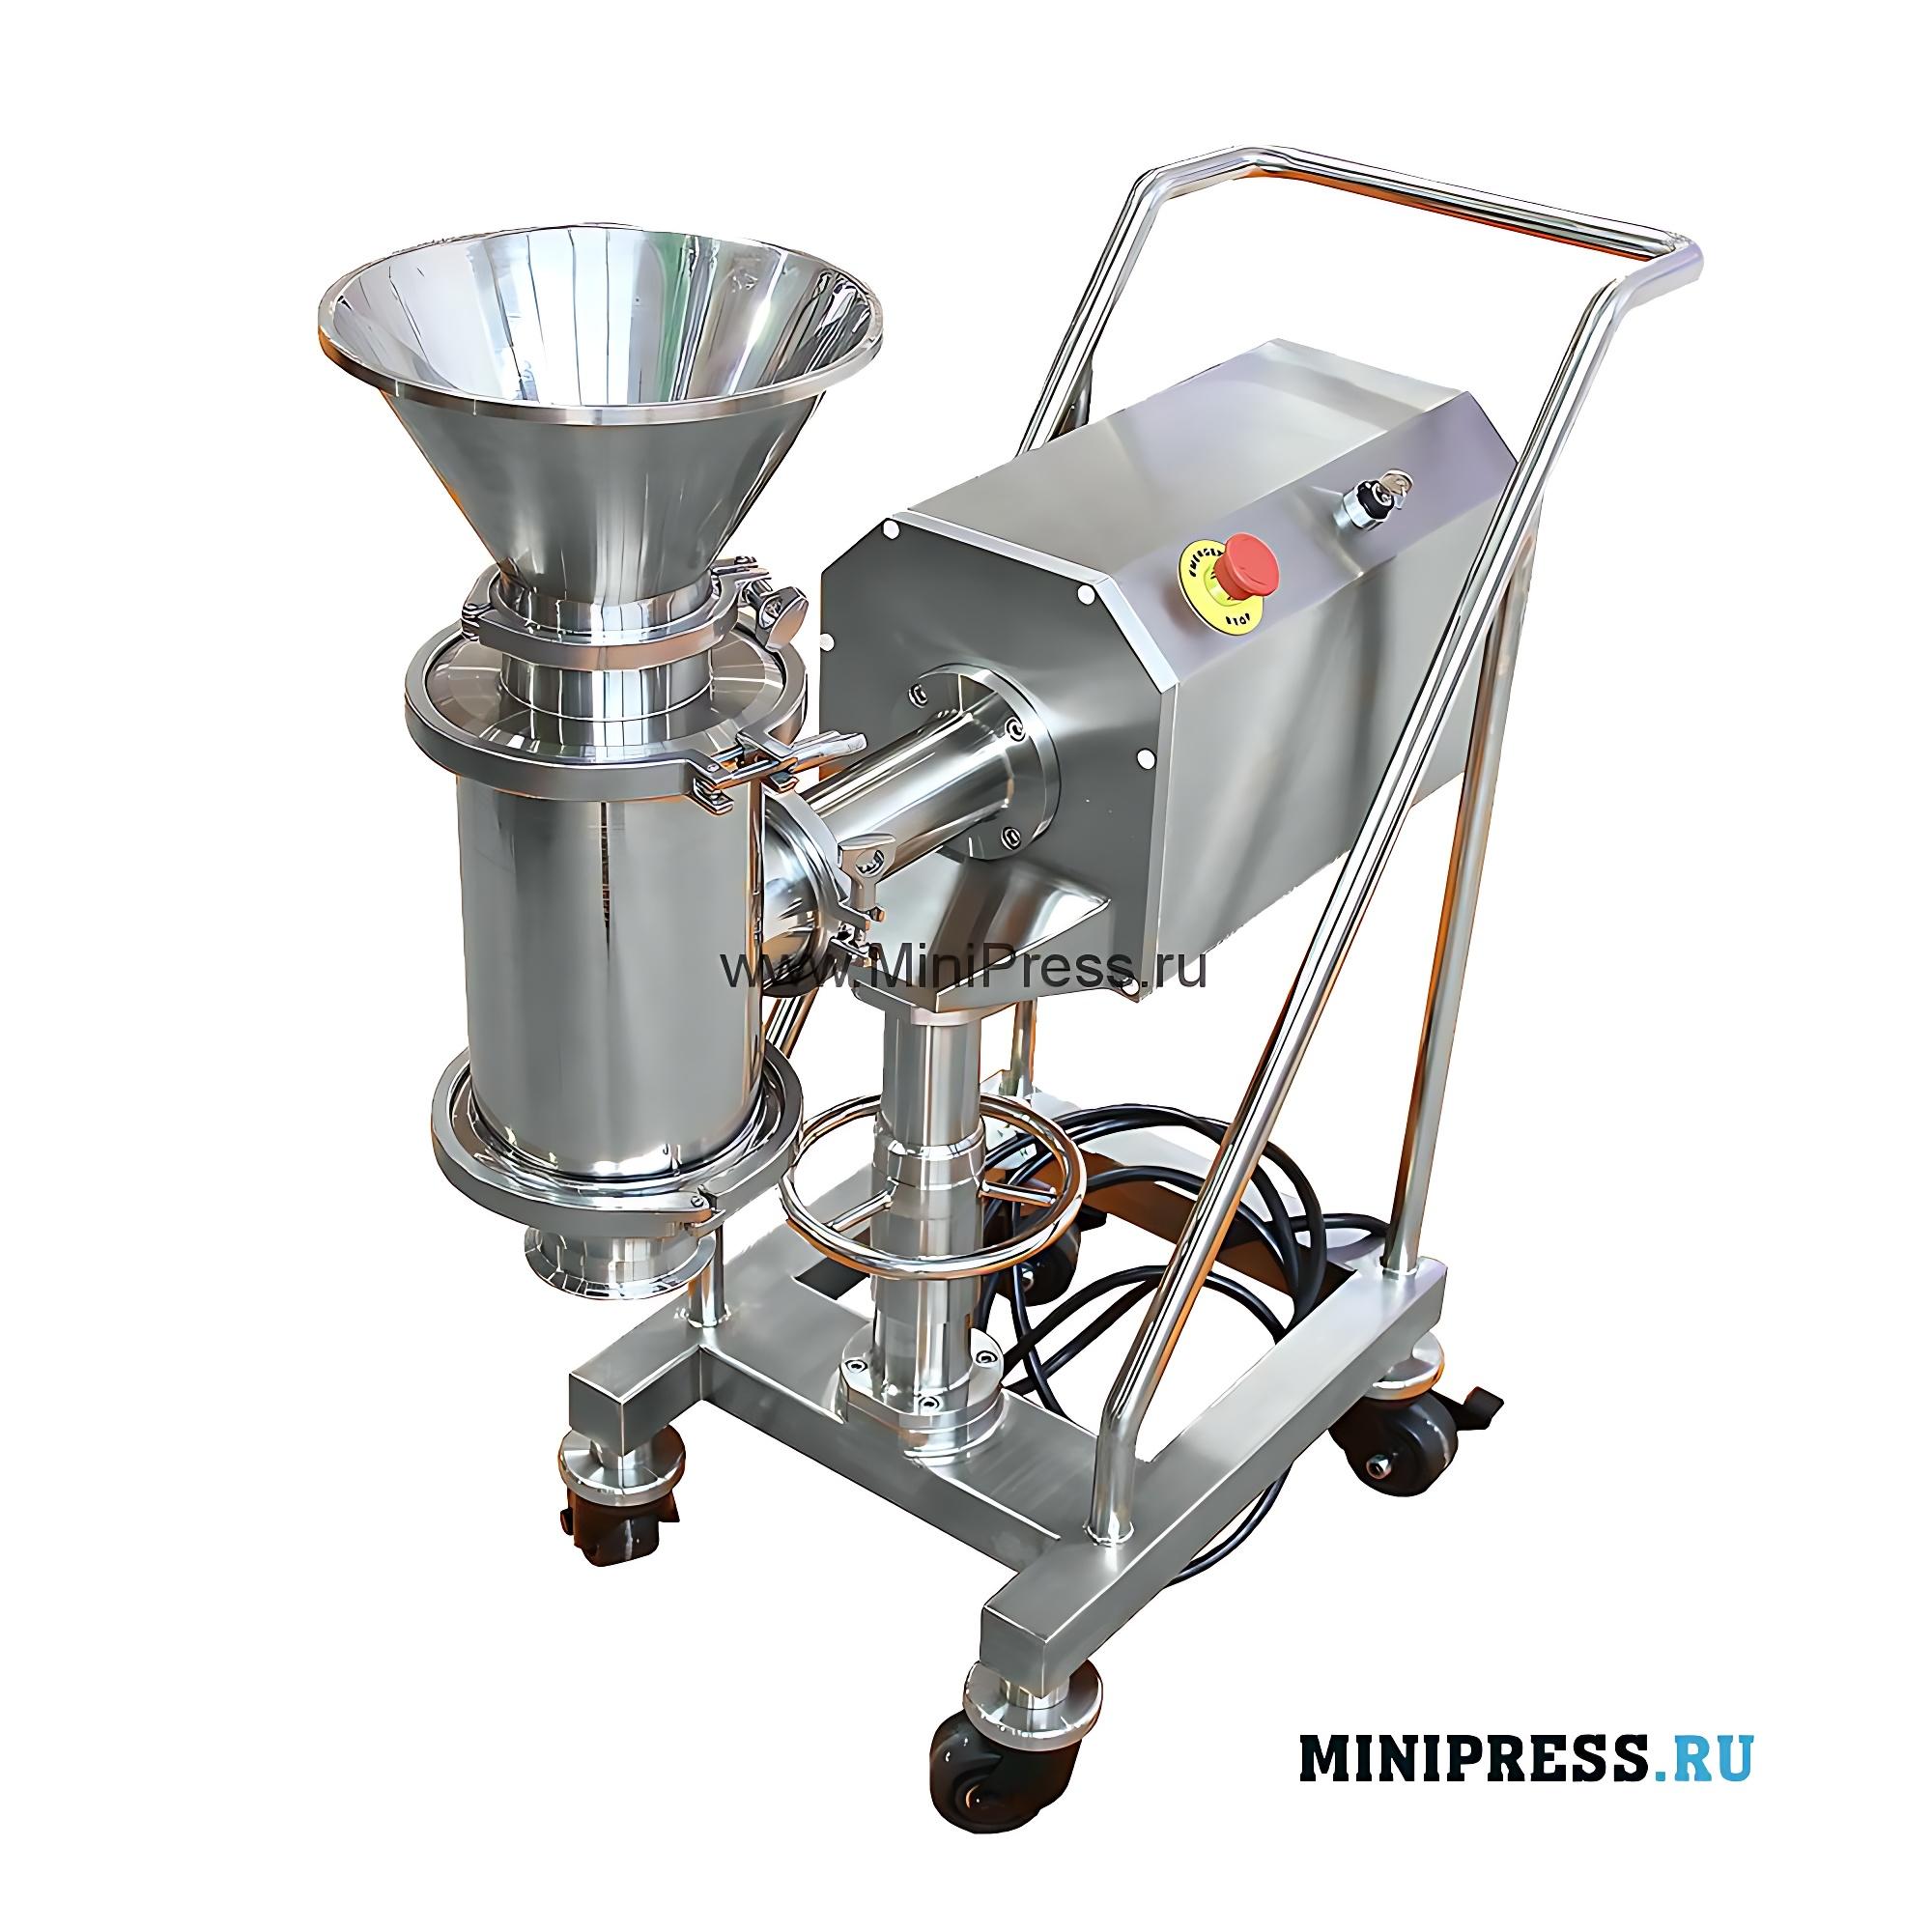 Оборудование для производства гранул для фармацевтического производства